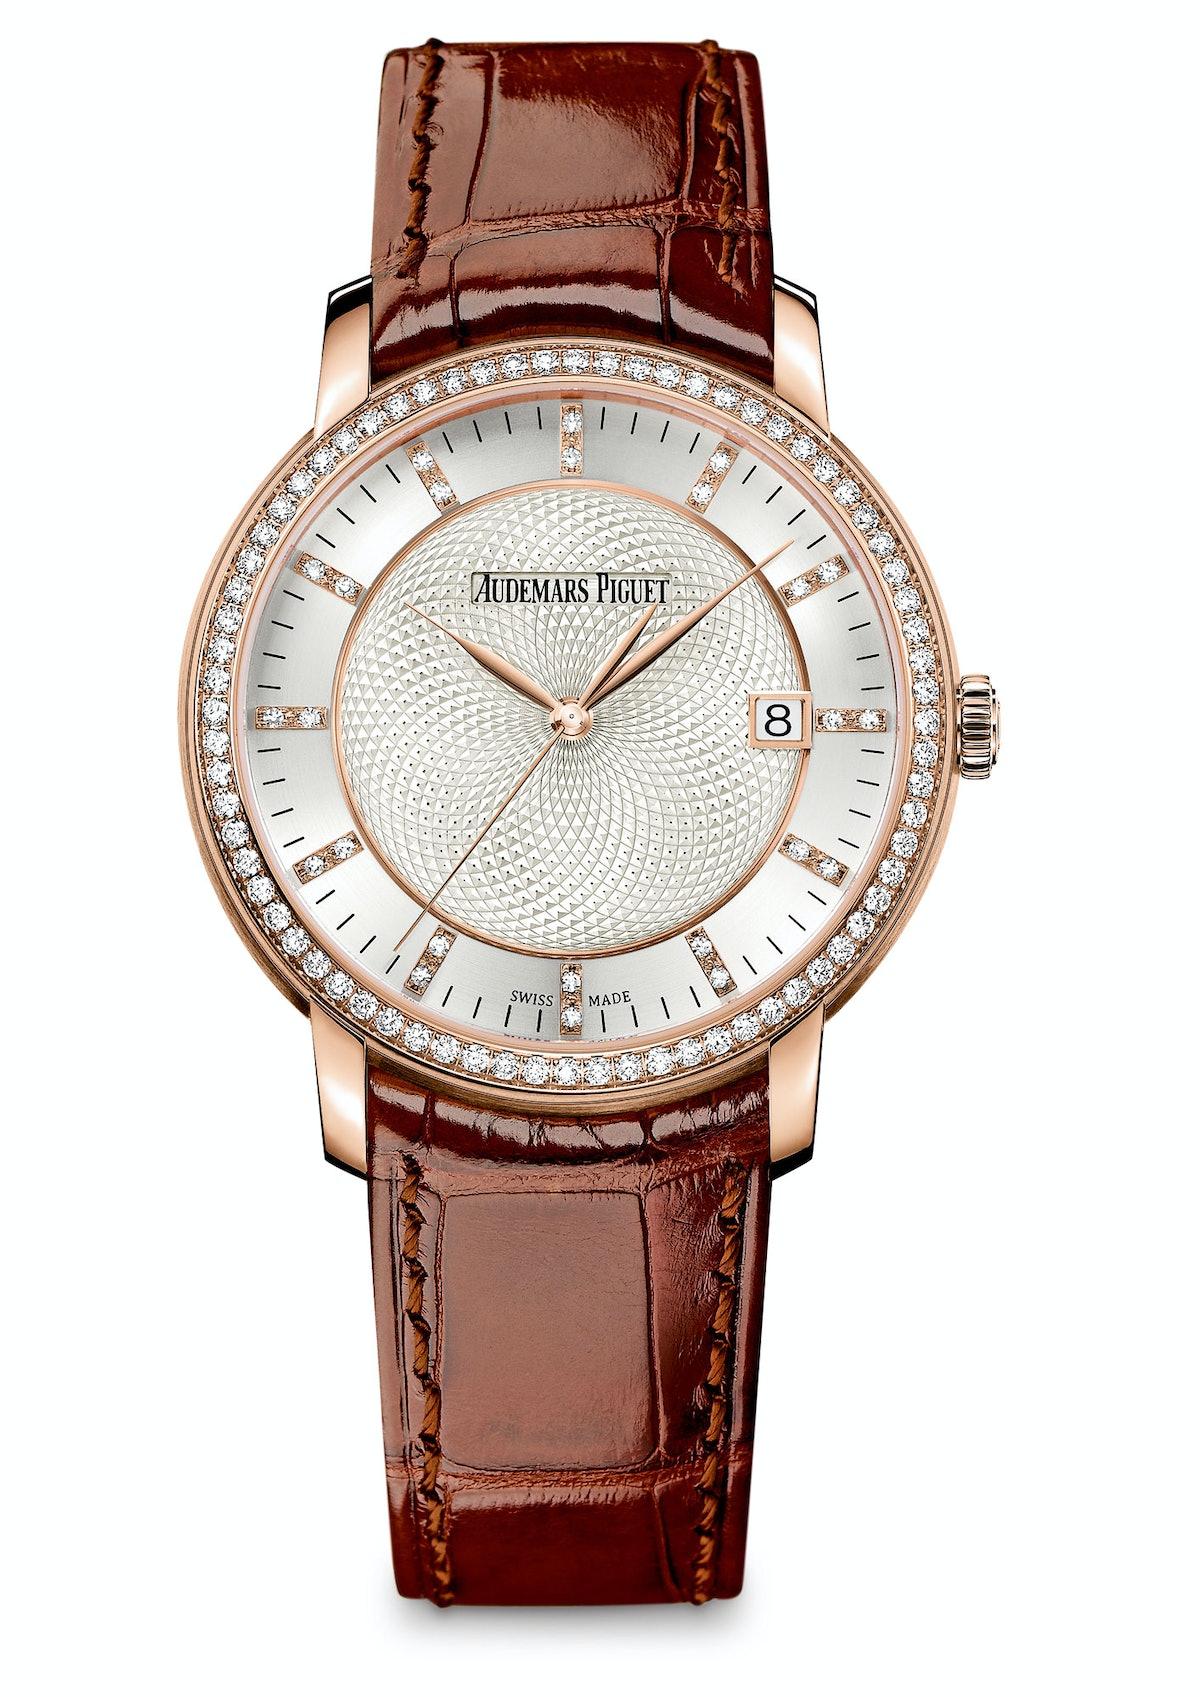 __For Myself__       With a watch like this, I would never be late—I swear!       Audemars Piguet, $29,400, [audemarspiguet.com](http://www.audemarspiguet.com/en/).